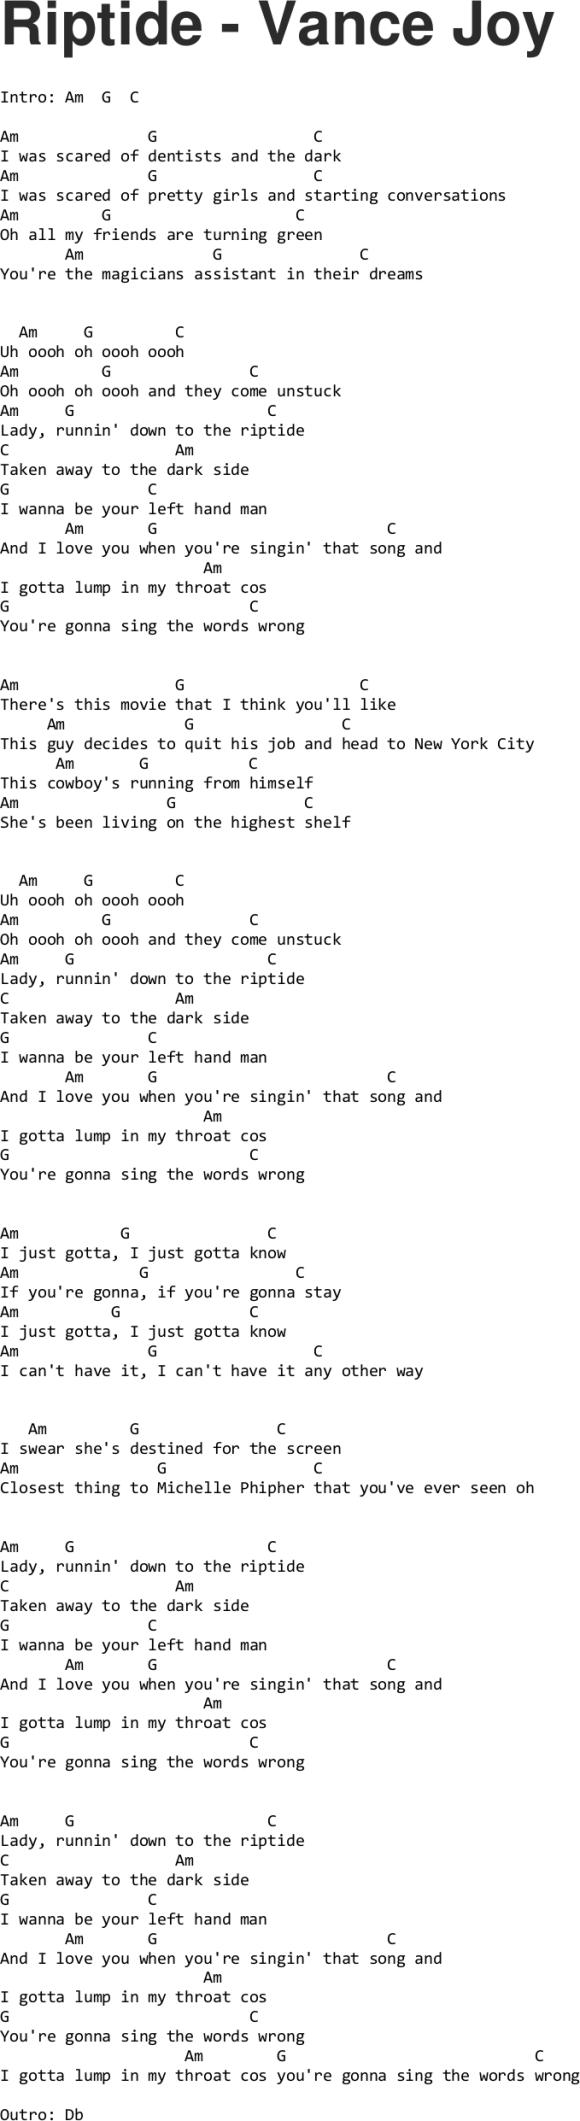 Riptide - Vance Joy ukulele tabs